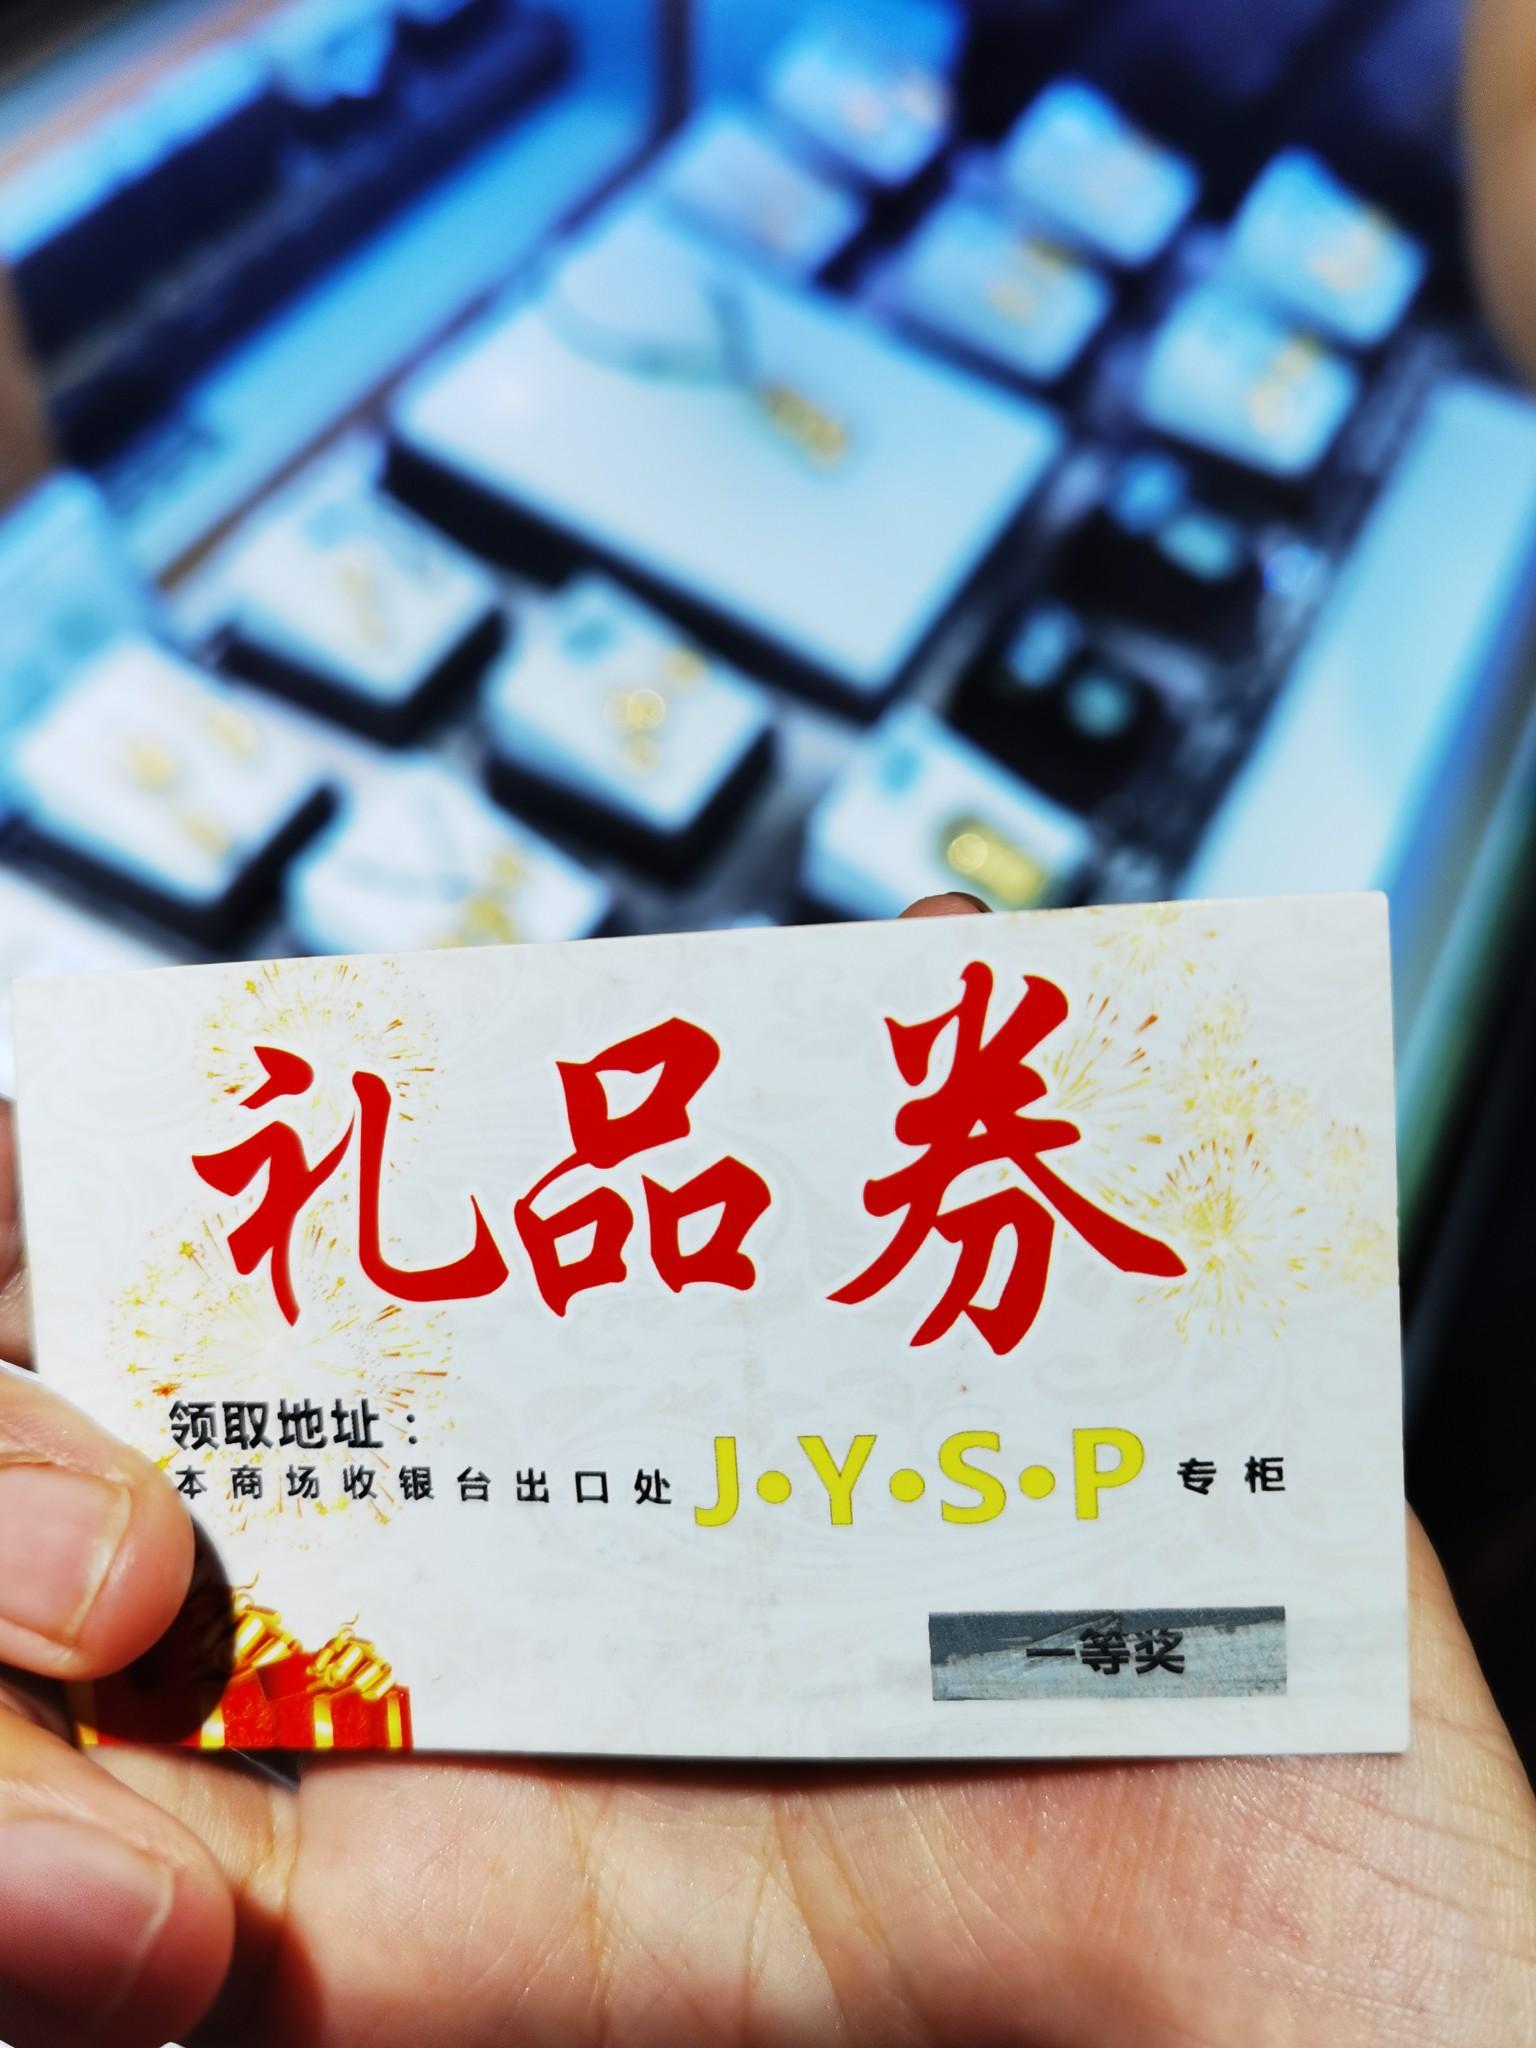 """凭购物小票明明可免费领礼品,为何还要掏钱才兑现? 郑州""""JYSP""""花园店被指诱导购物、虚假宣传"""